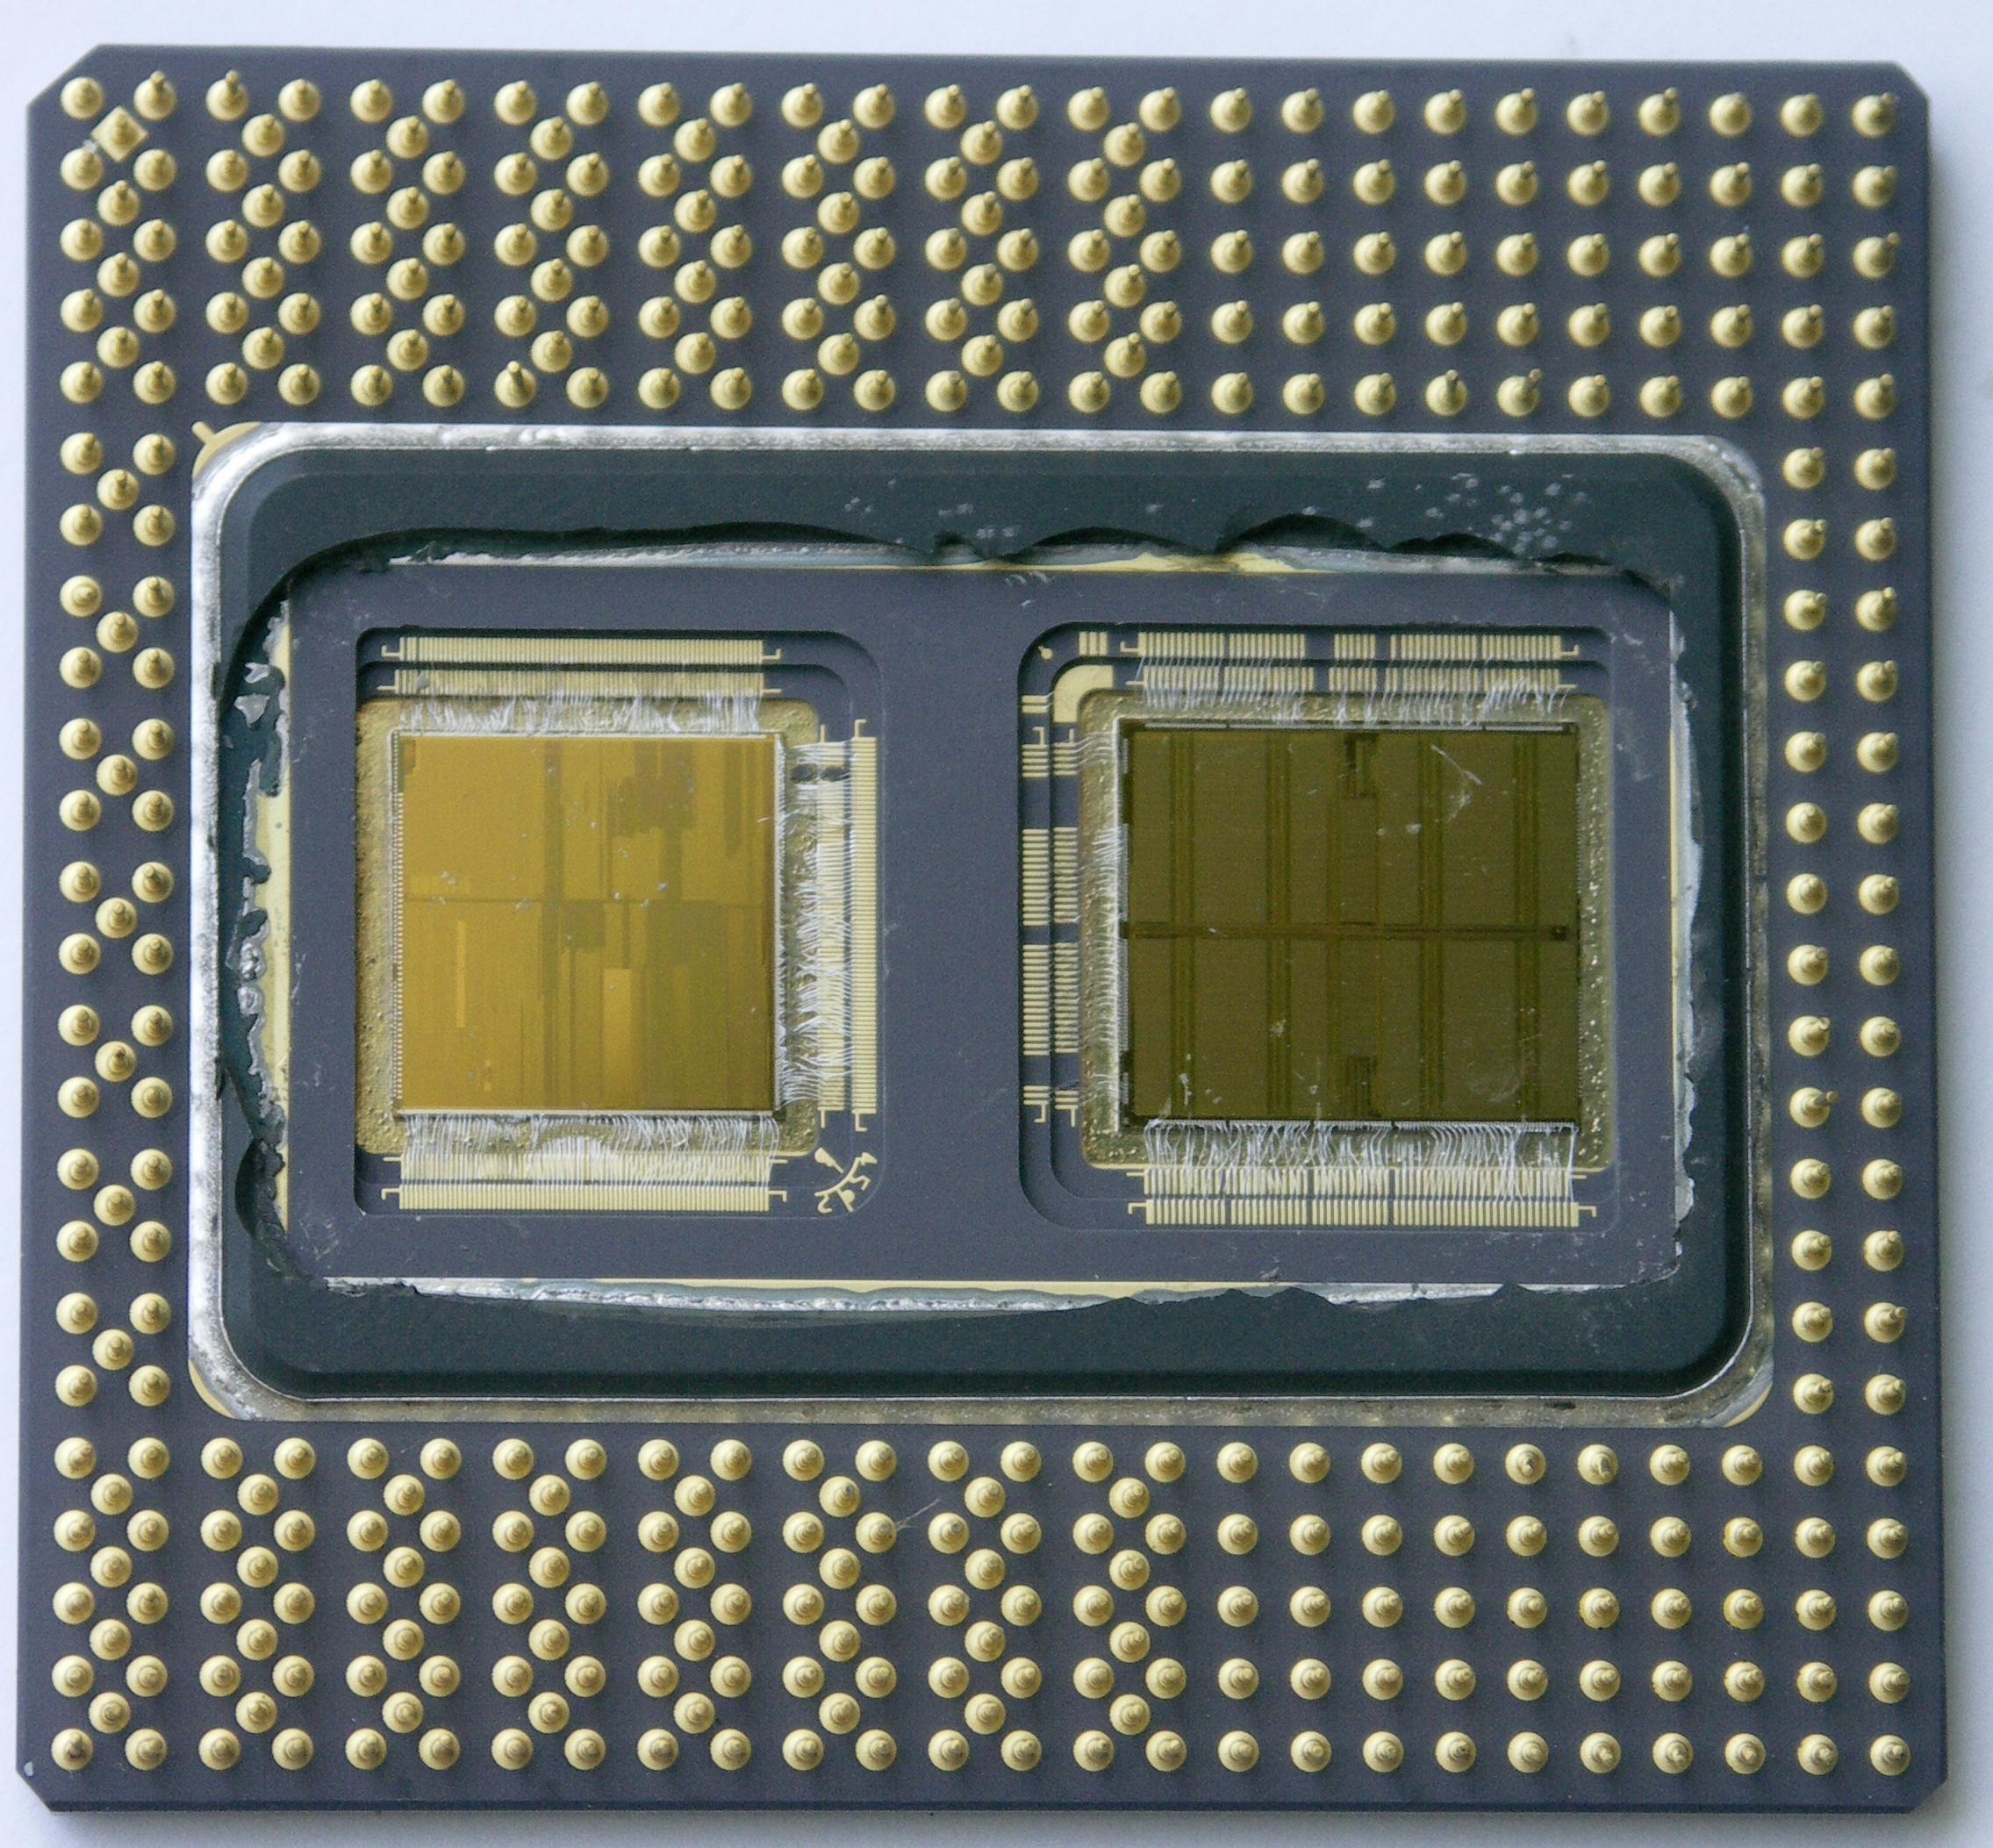 Jak moderní procesory obešly svoje výkonové limity